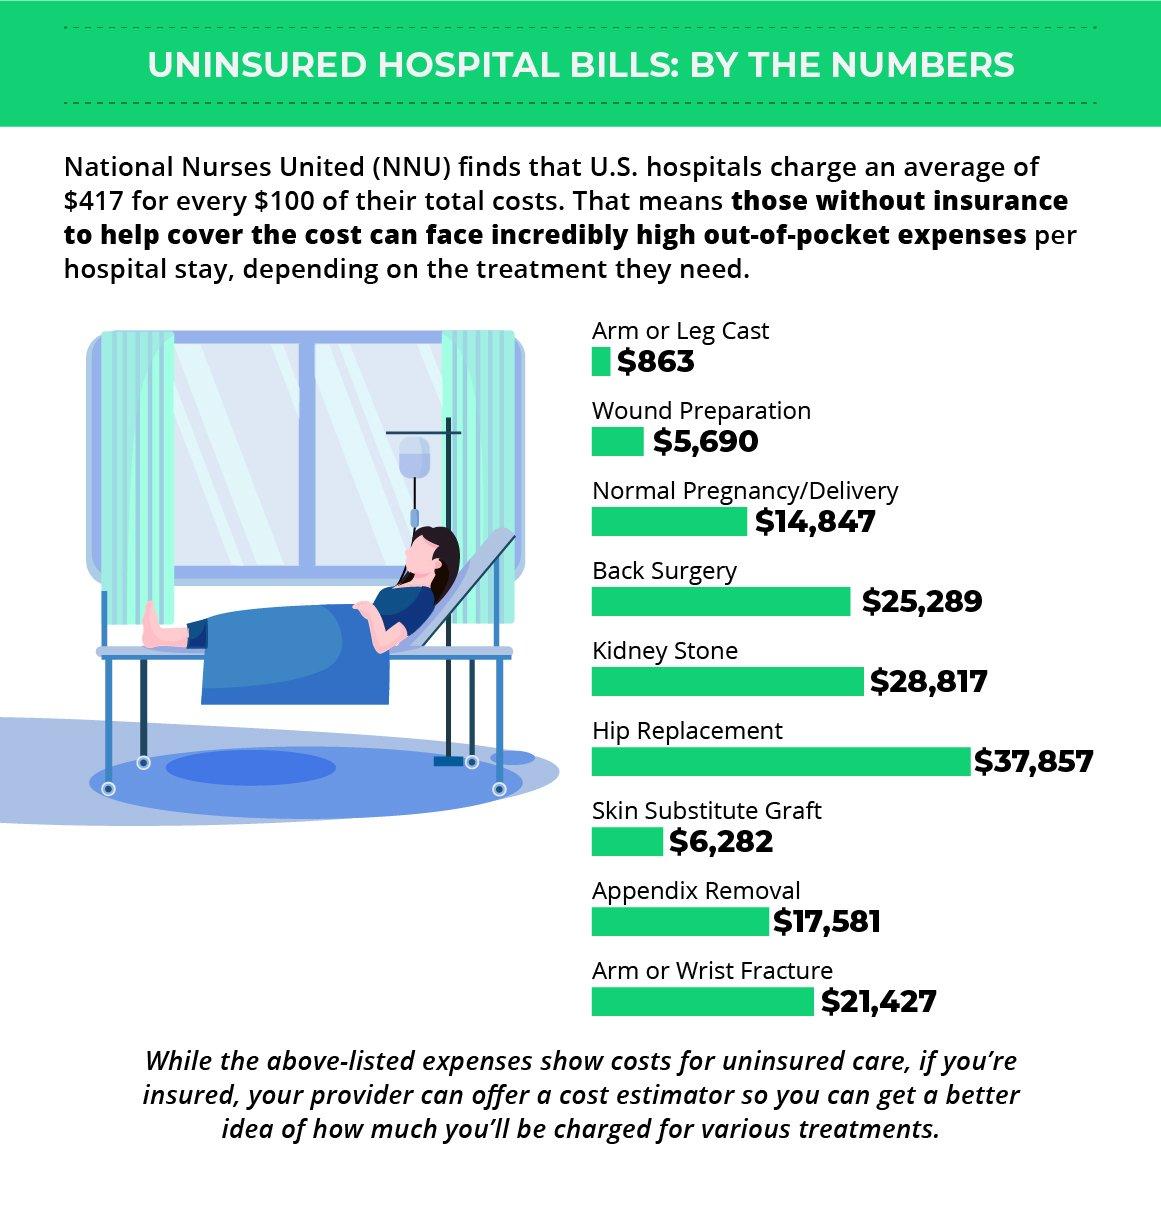 uninsured hospital bills, National Nurses United (NNU)